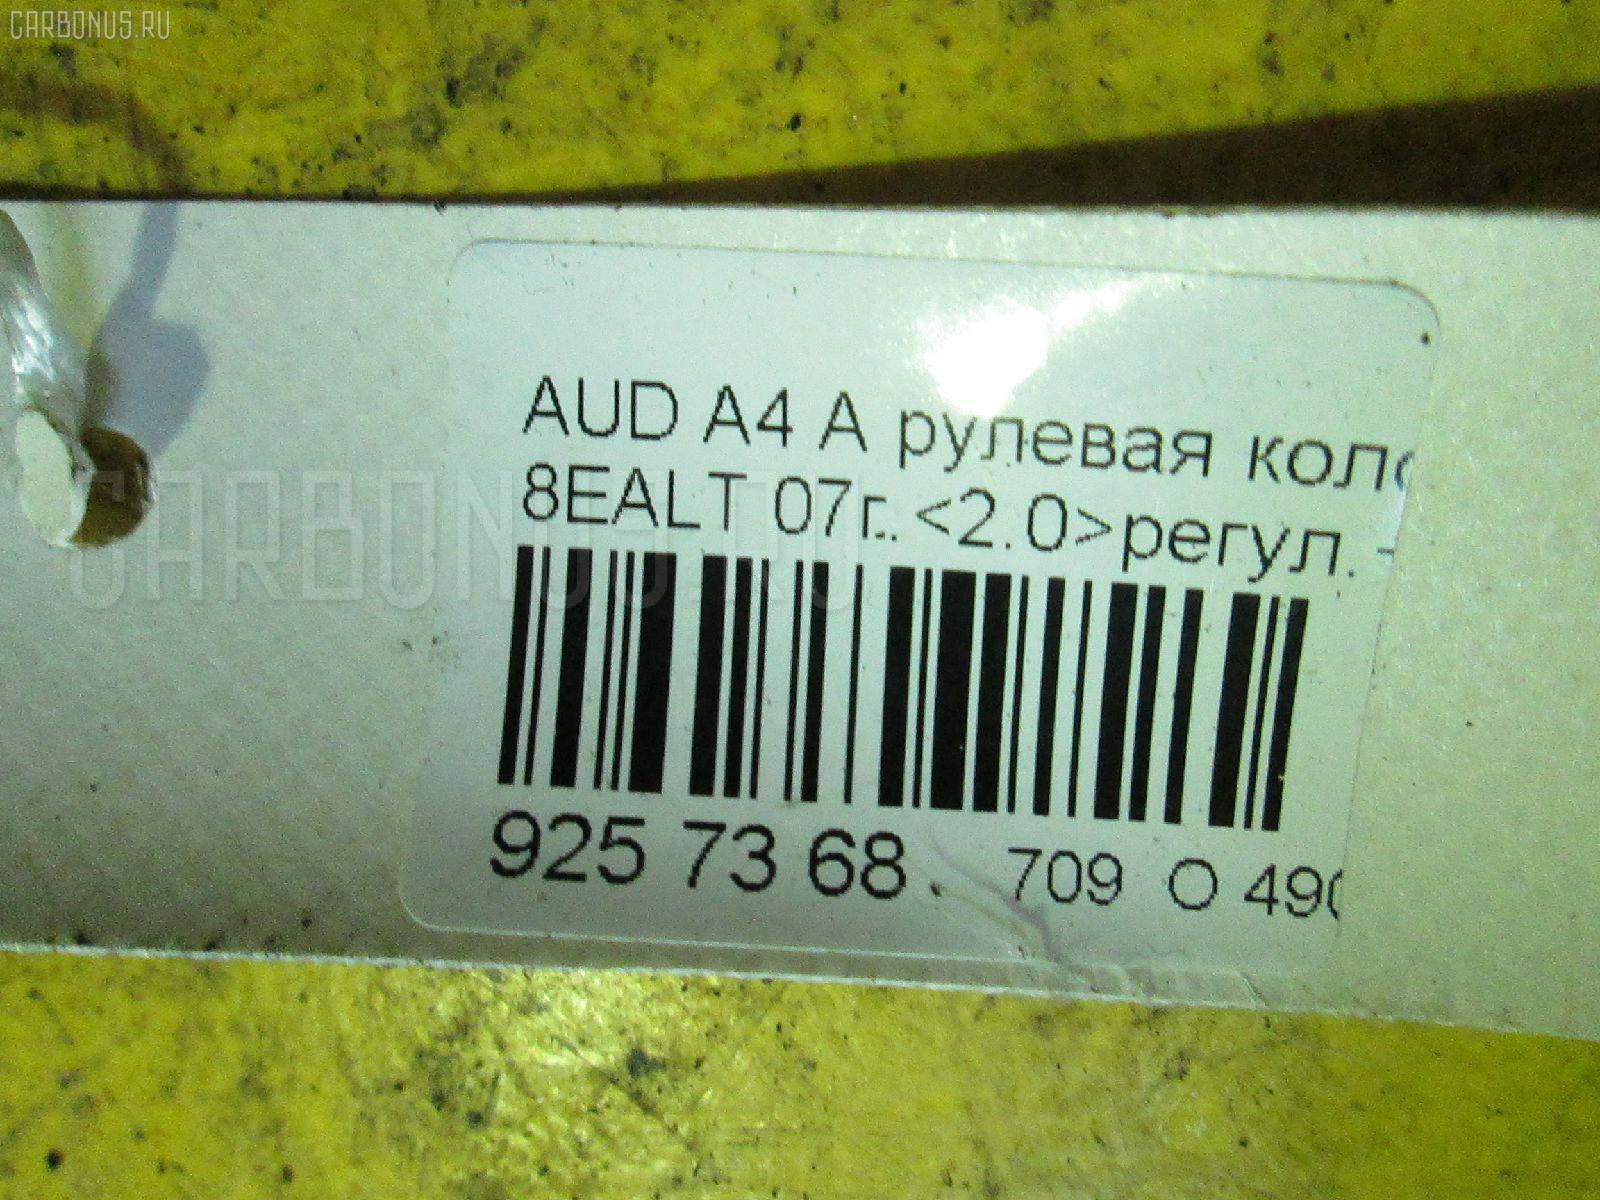 Рулевая колонка AUDI A4 AVANT 8EALT Фото 3